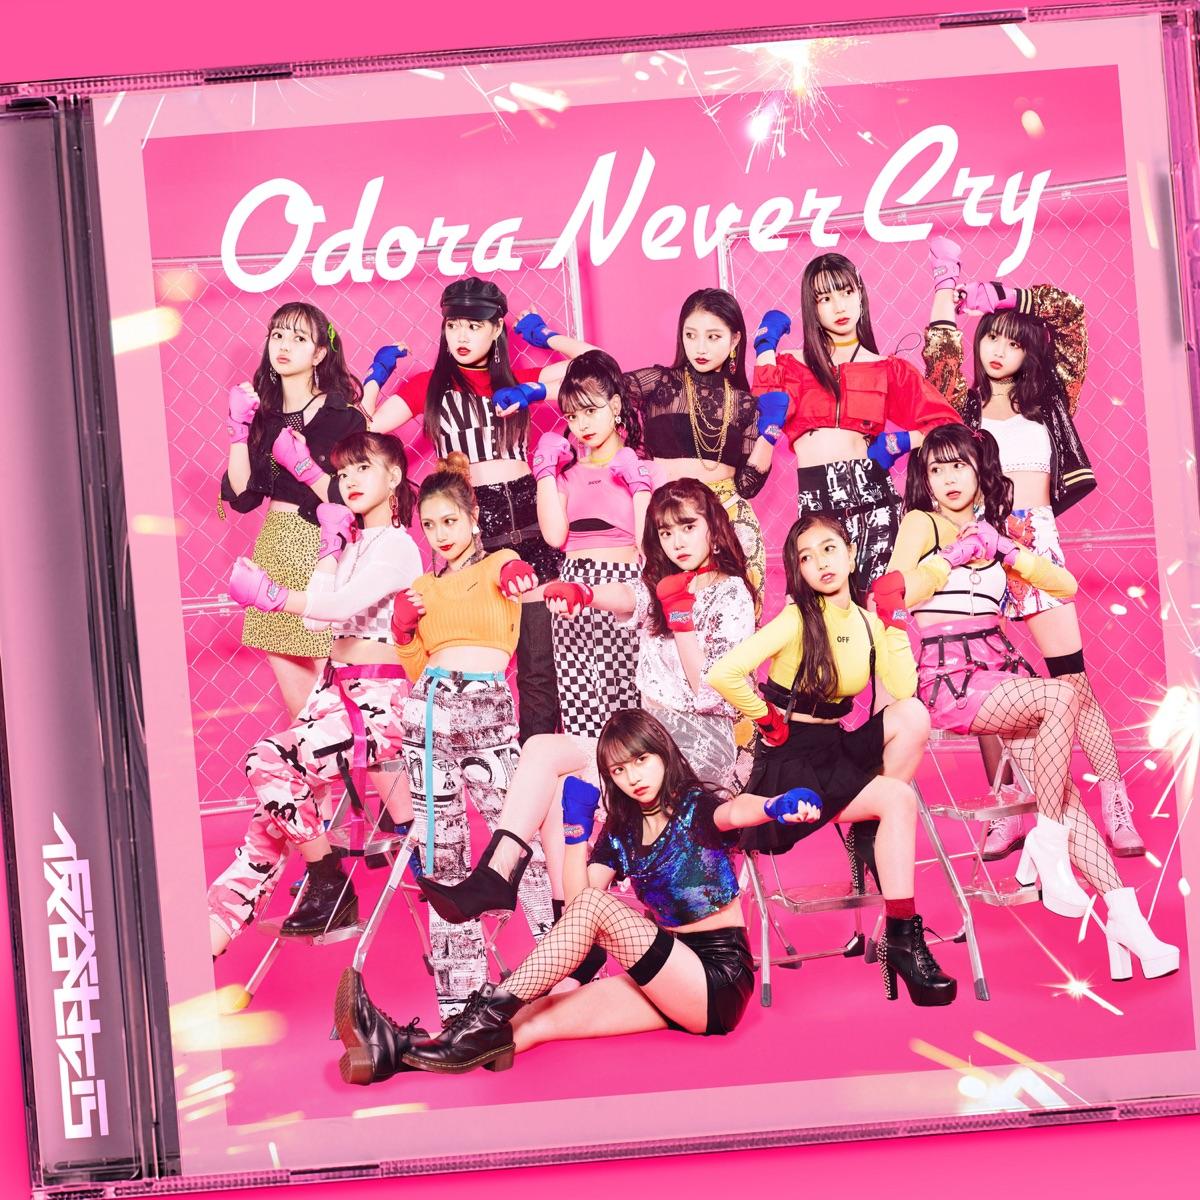 『仮谷せいら - Odora Never Cry』収録の『Odora Never Cry』ジャケット